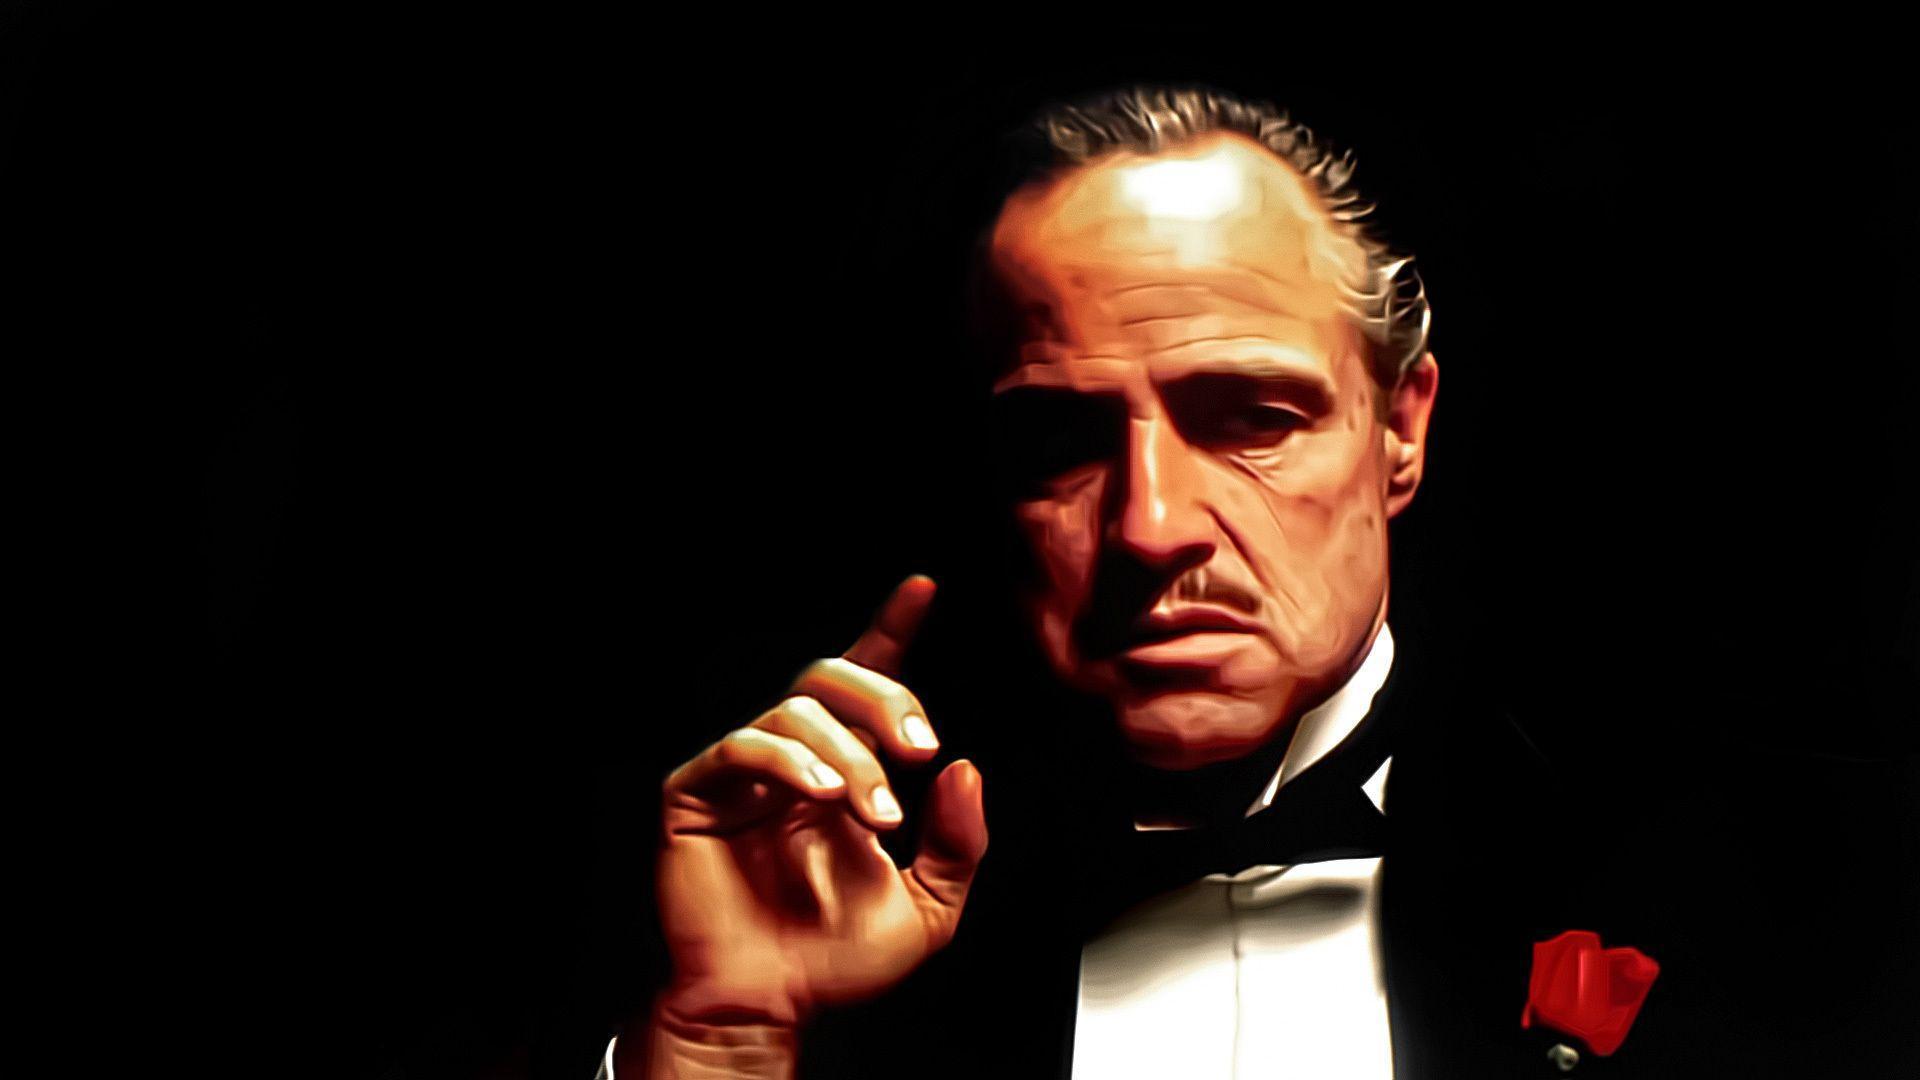 Don Vito Corleone wwwgalleryhipcom   The Hippest Pics 1920x1080